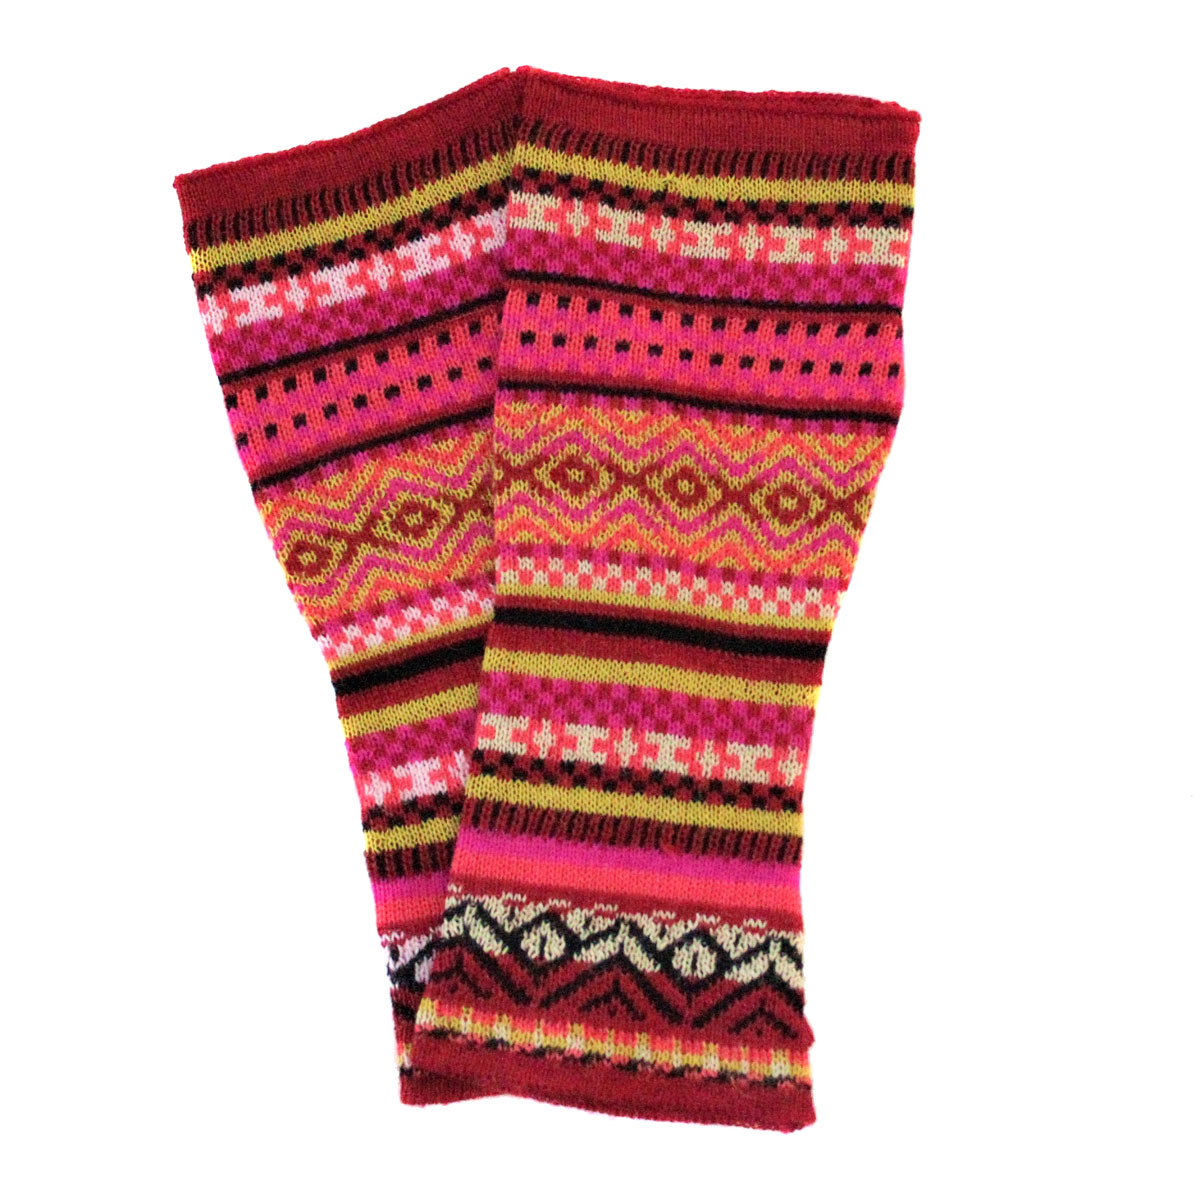 Inka-Products-Mitaines Longues-Colorées Motifs Ethniques